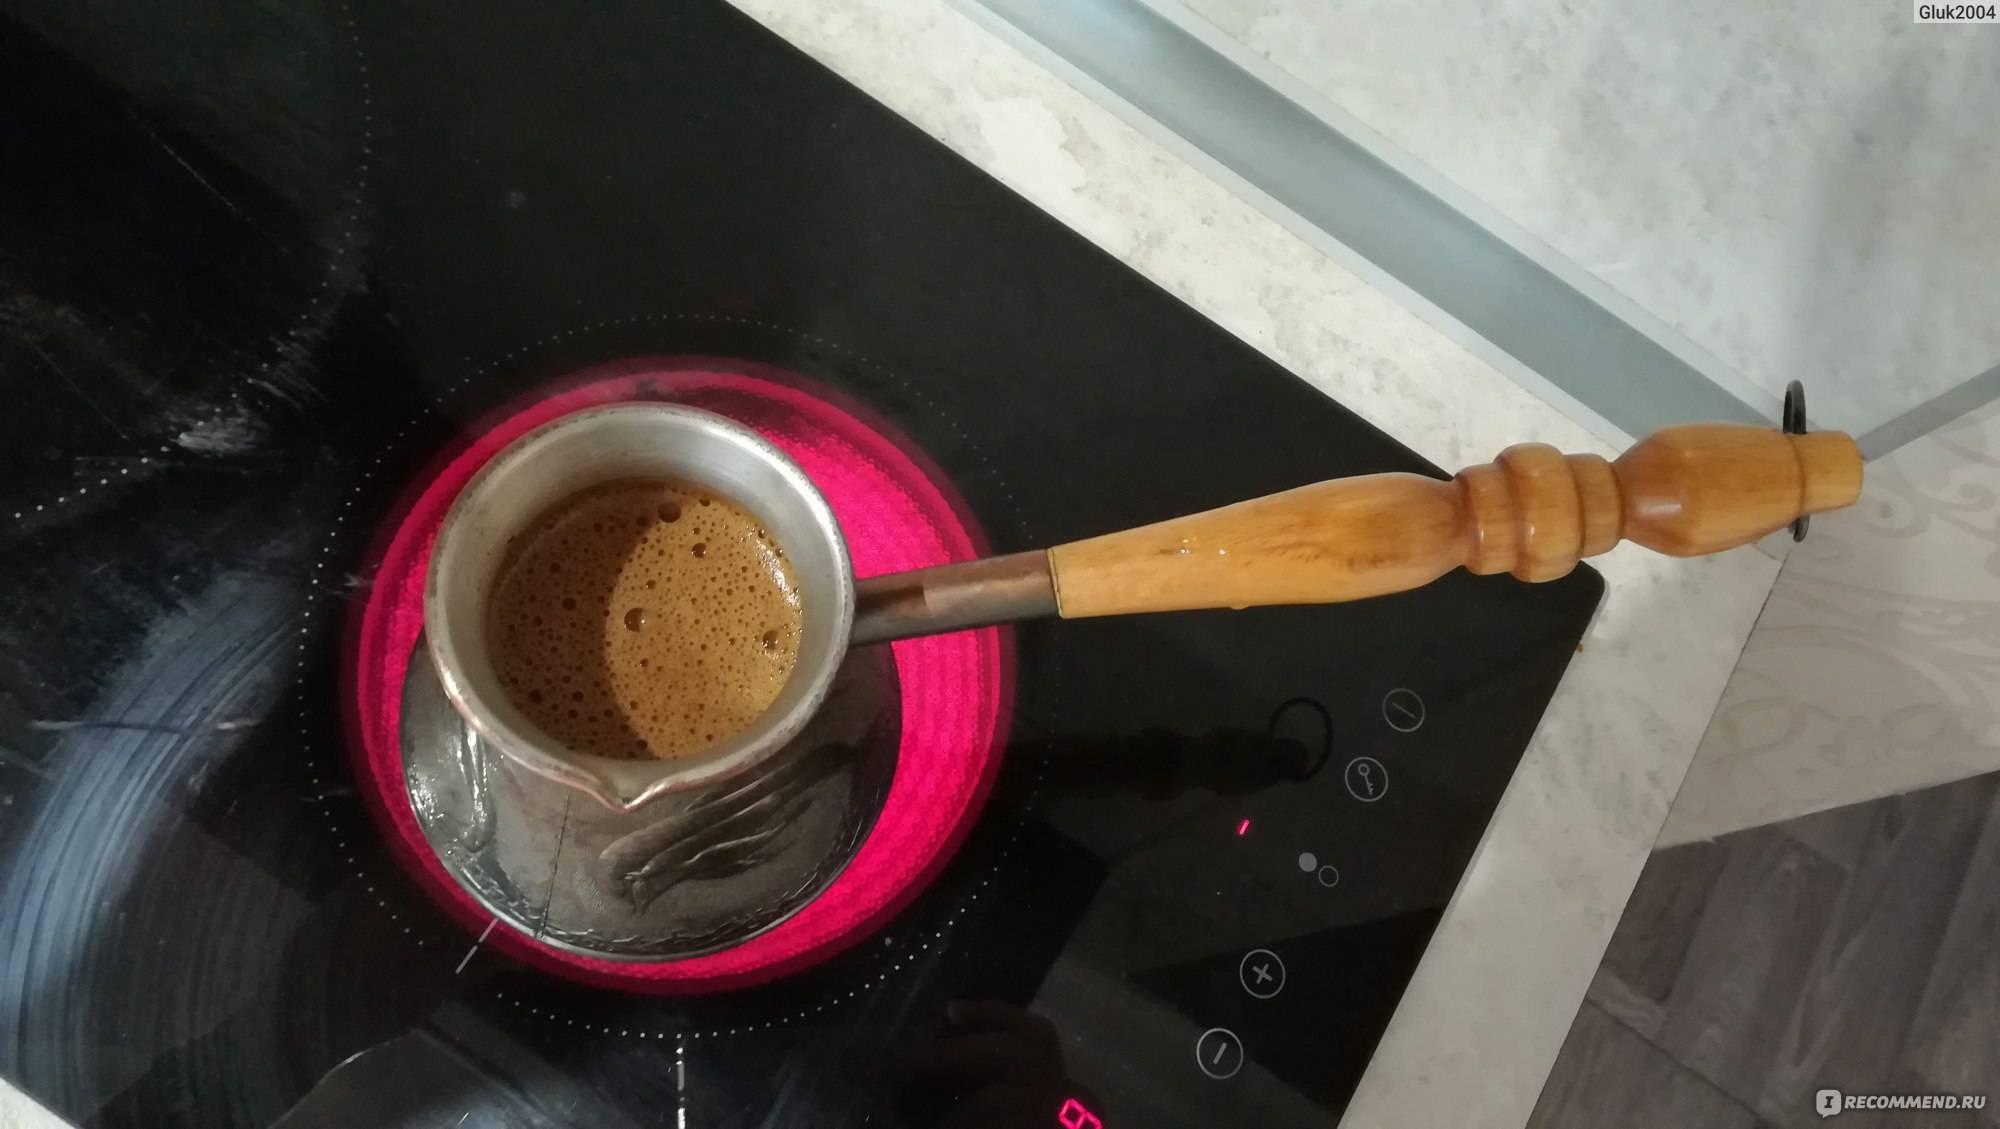 Капучино в домашних условиях: что это такое, рецепты приготовления, как сделать без кофе-машины